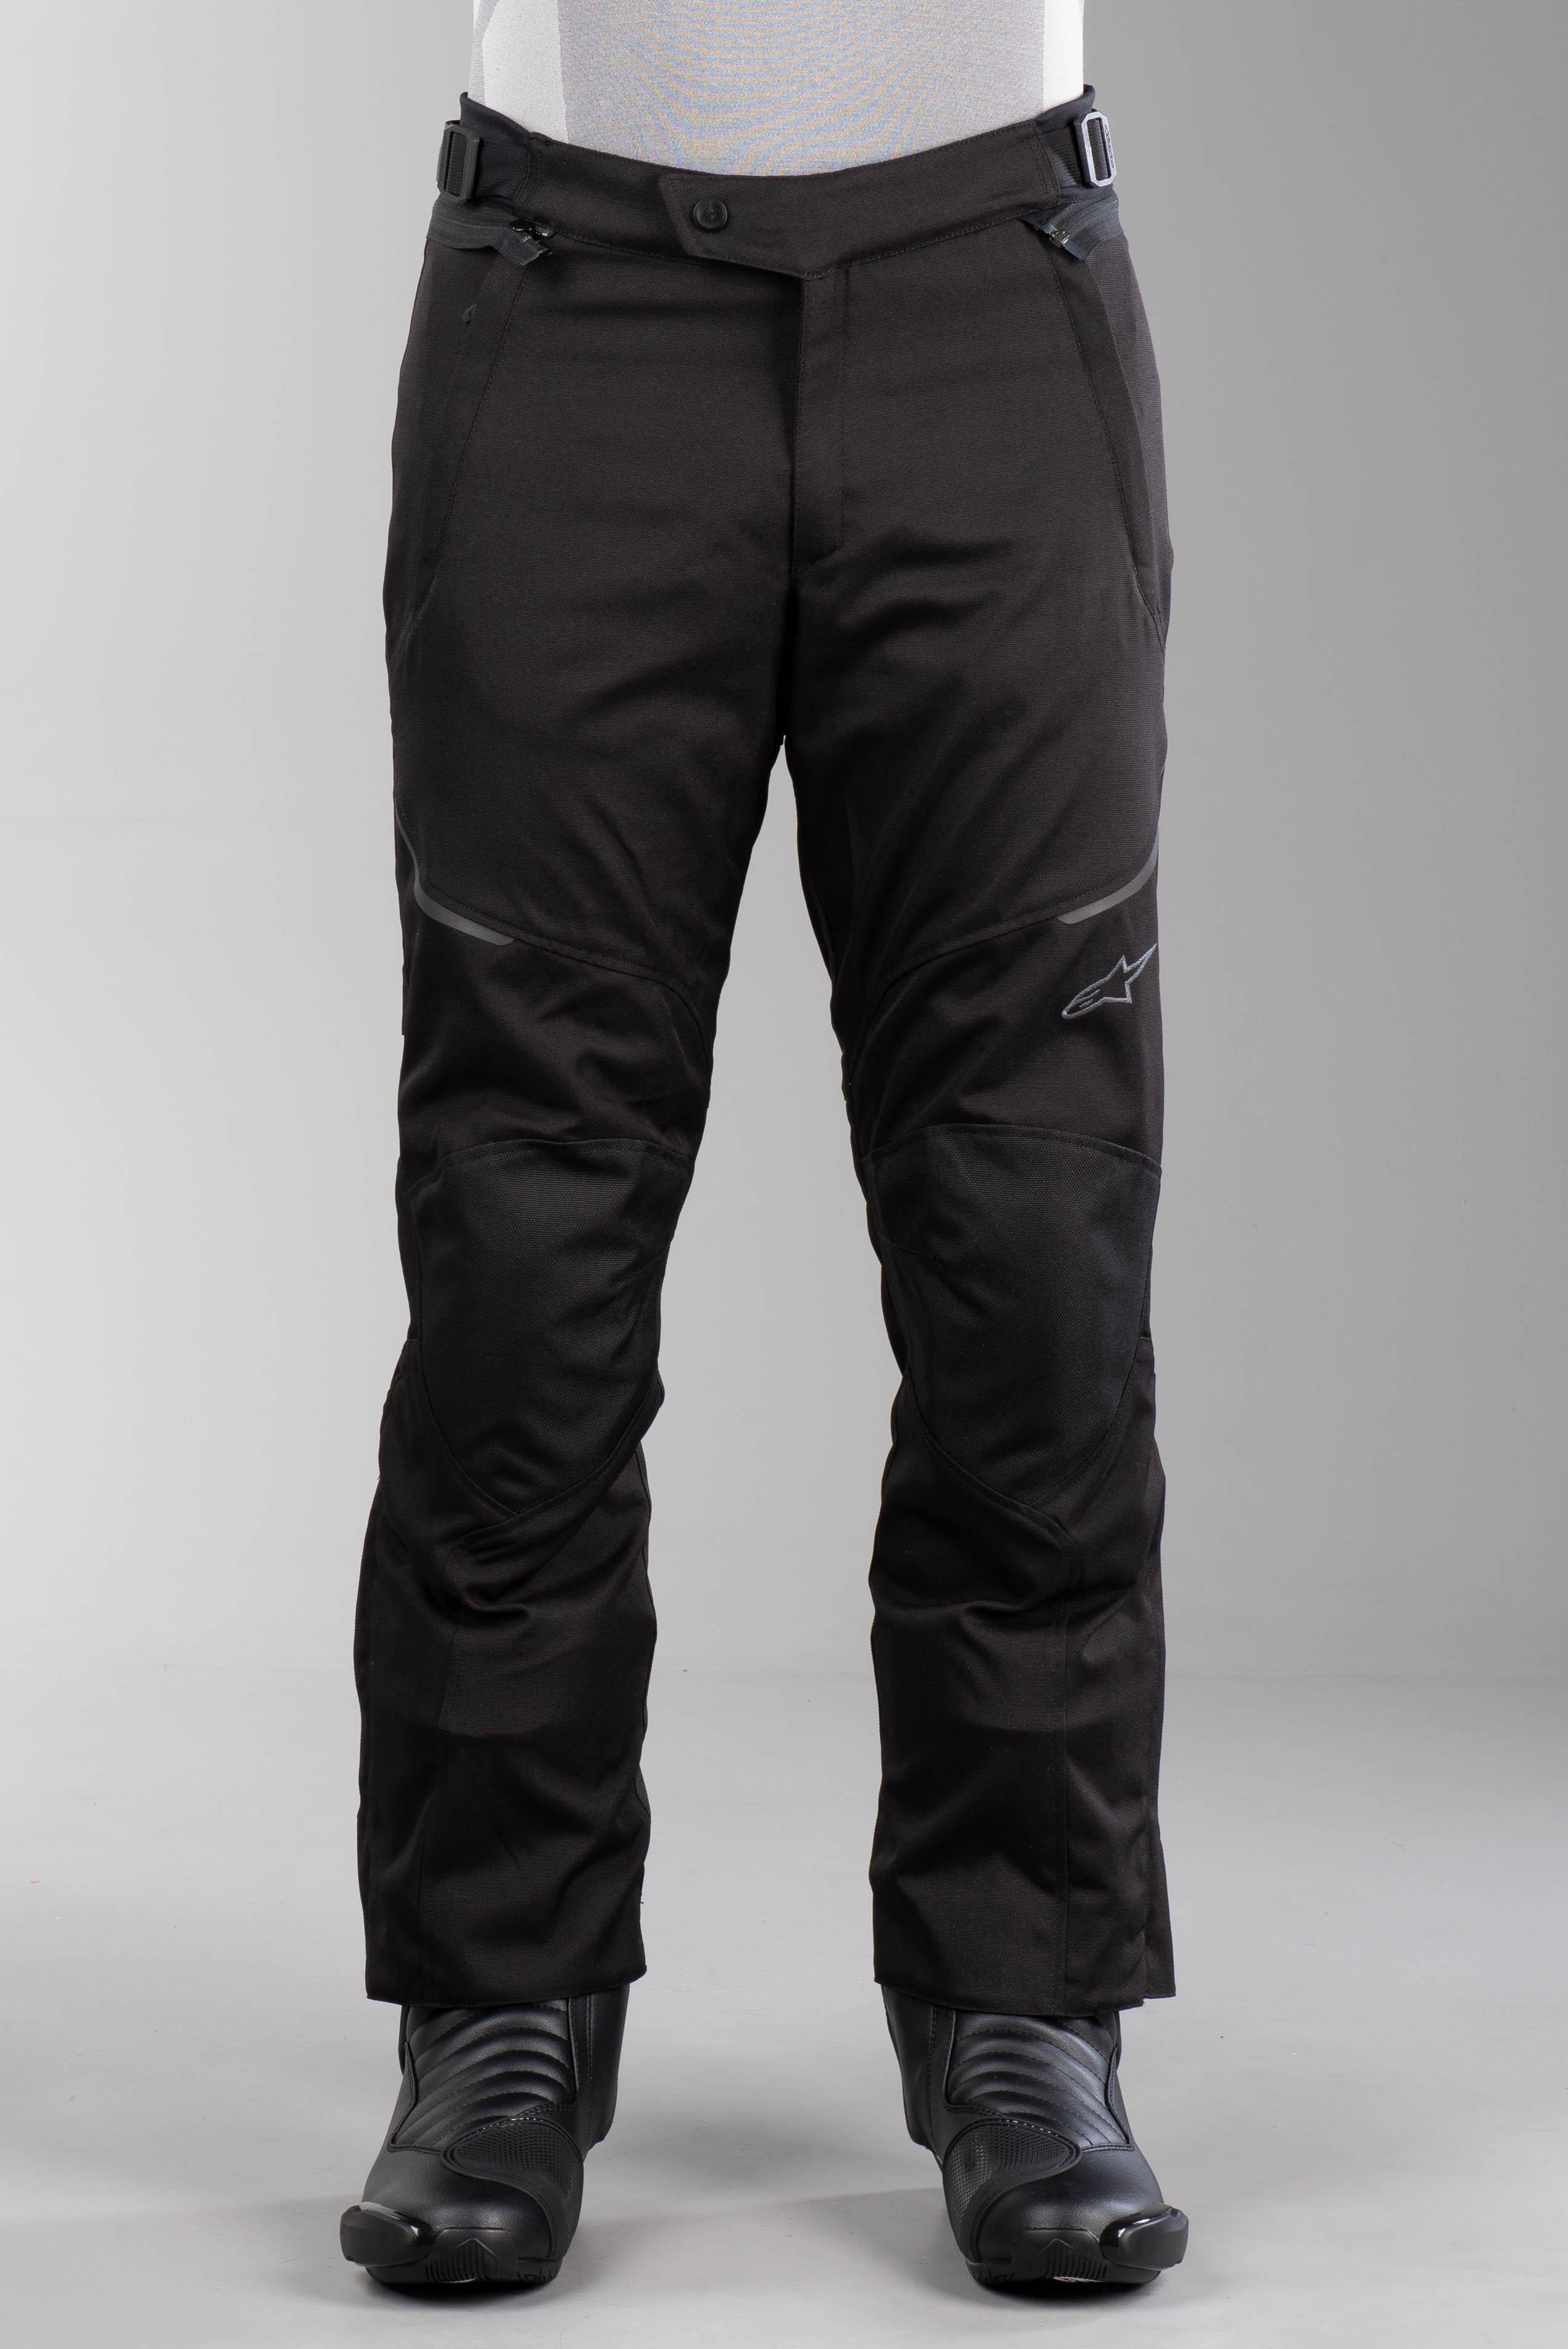 Alpinestars Pantalon Court Alpinestars AST-1 WP 2016 Noir